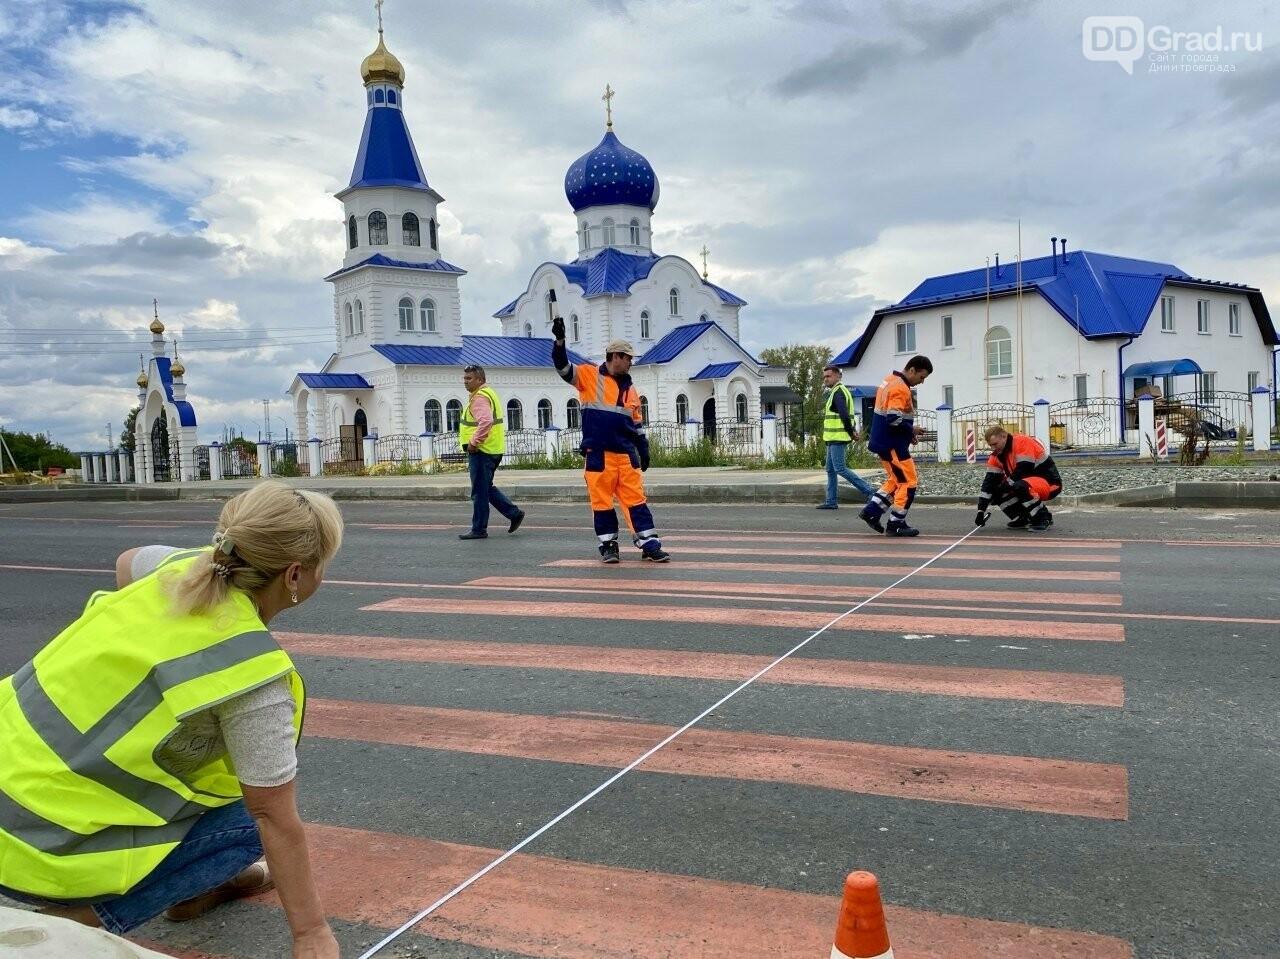 В Ульяновской области подвели предварительные итоги проекта создания безопасной дорожной сети, фото-1